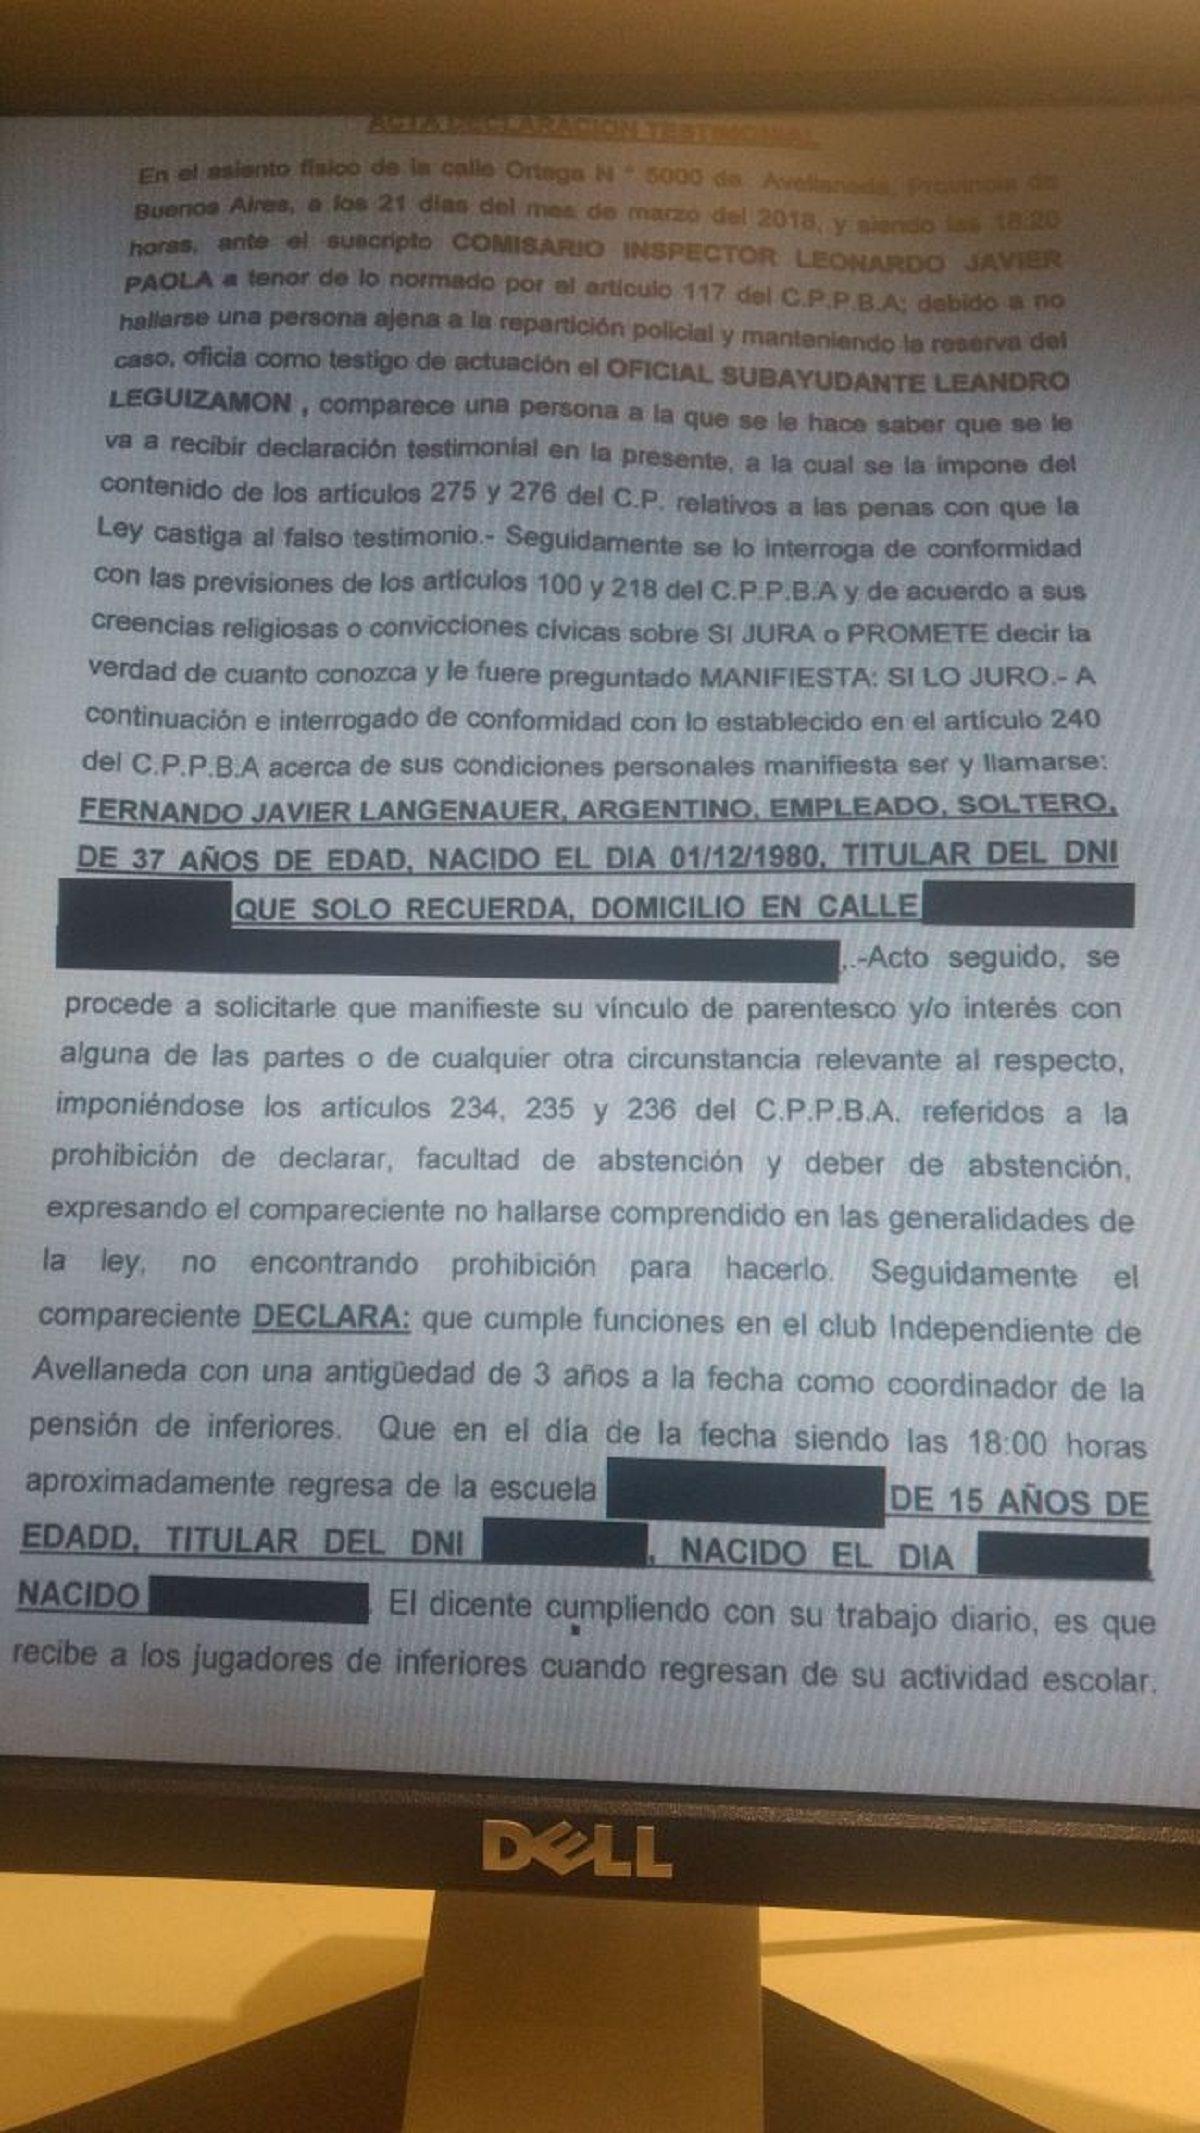 La denuncia fue radicada en la UFI 4 de Avellaneda